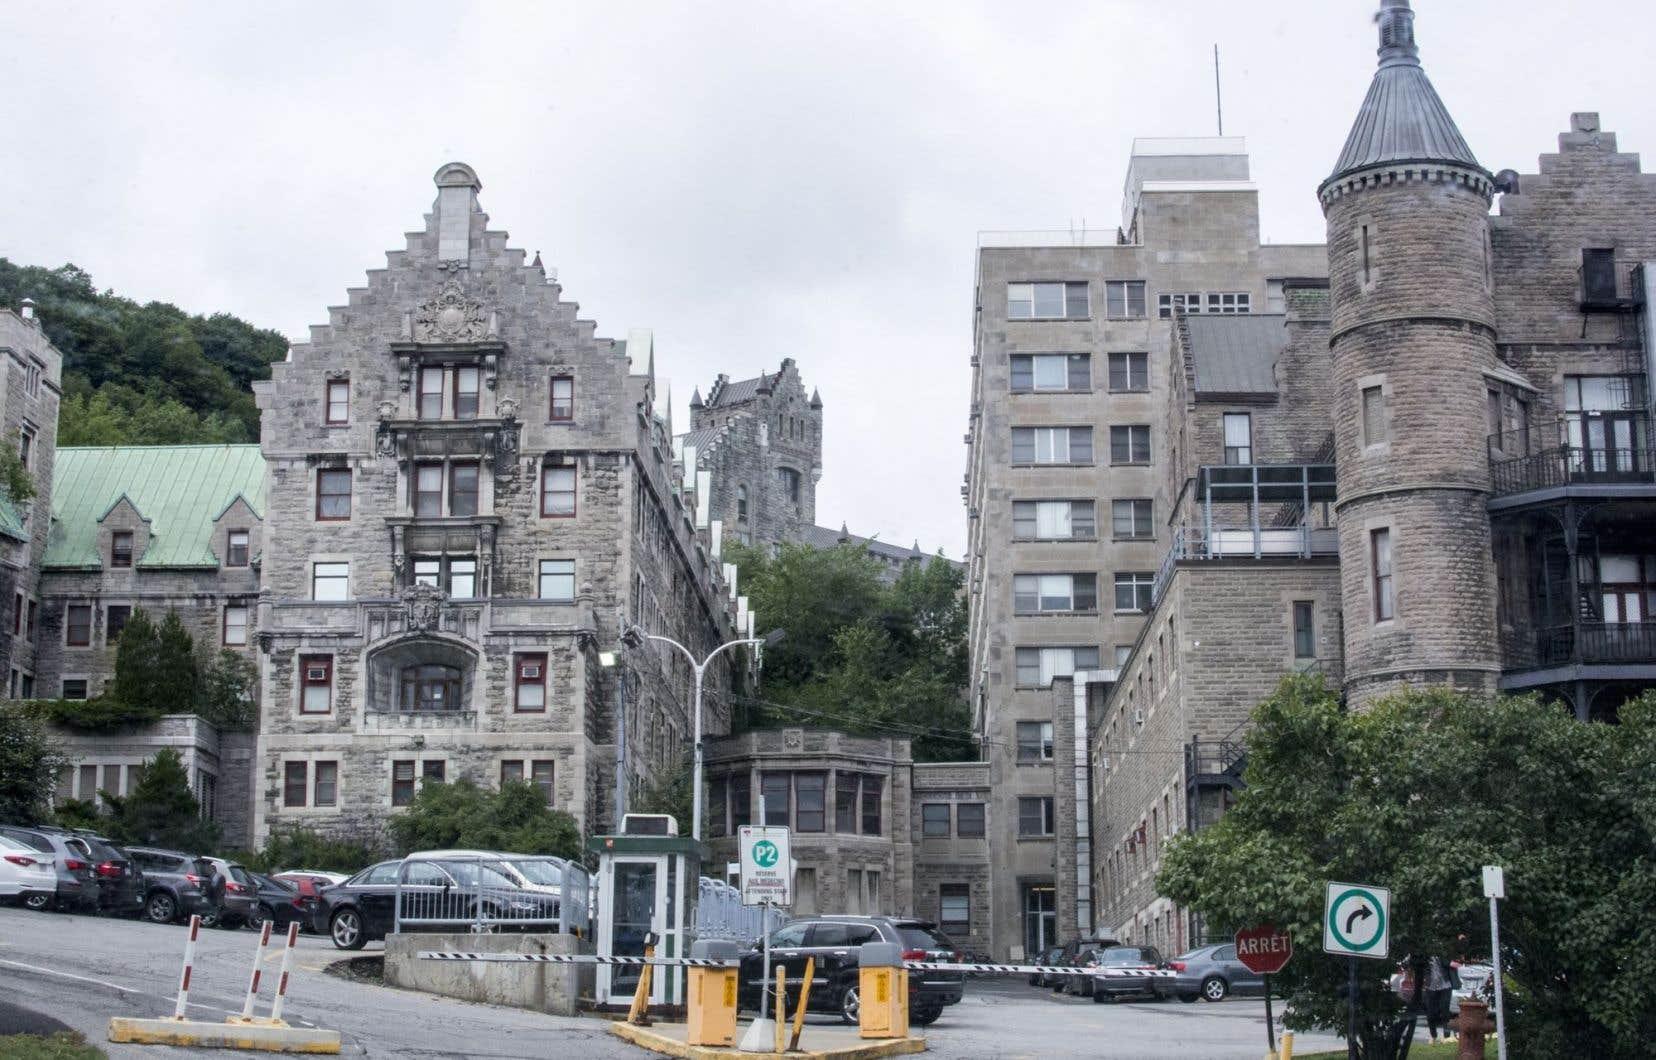 L'hôpital Royal Victoria, vide depuis avril 2015, est l'un des sites sur lesquels pourraient se pencher les participants.